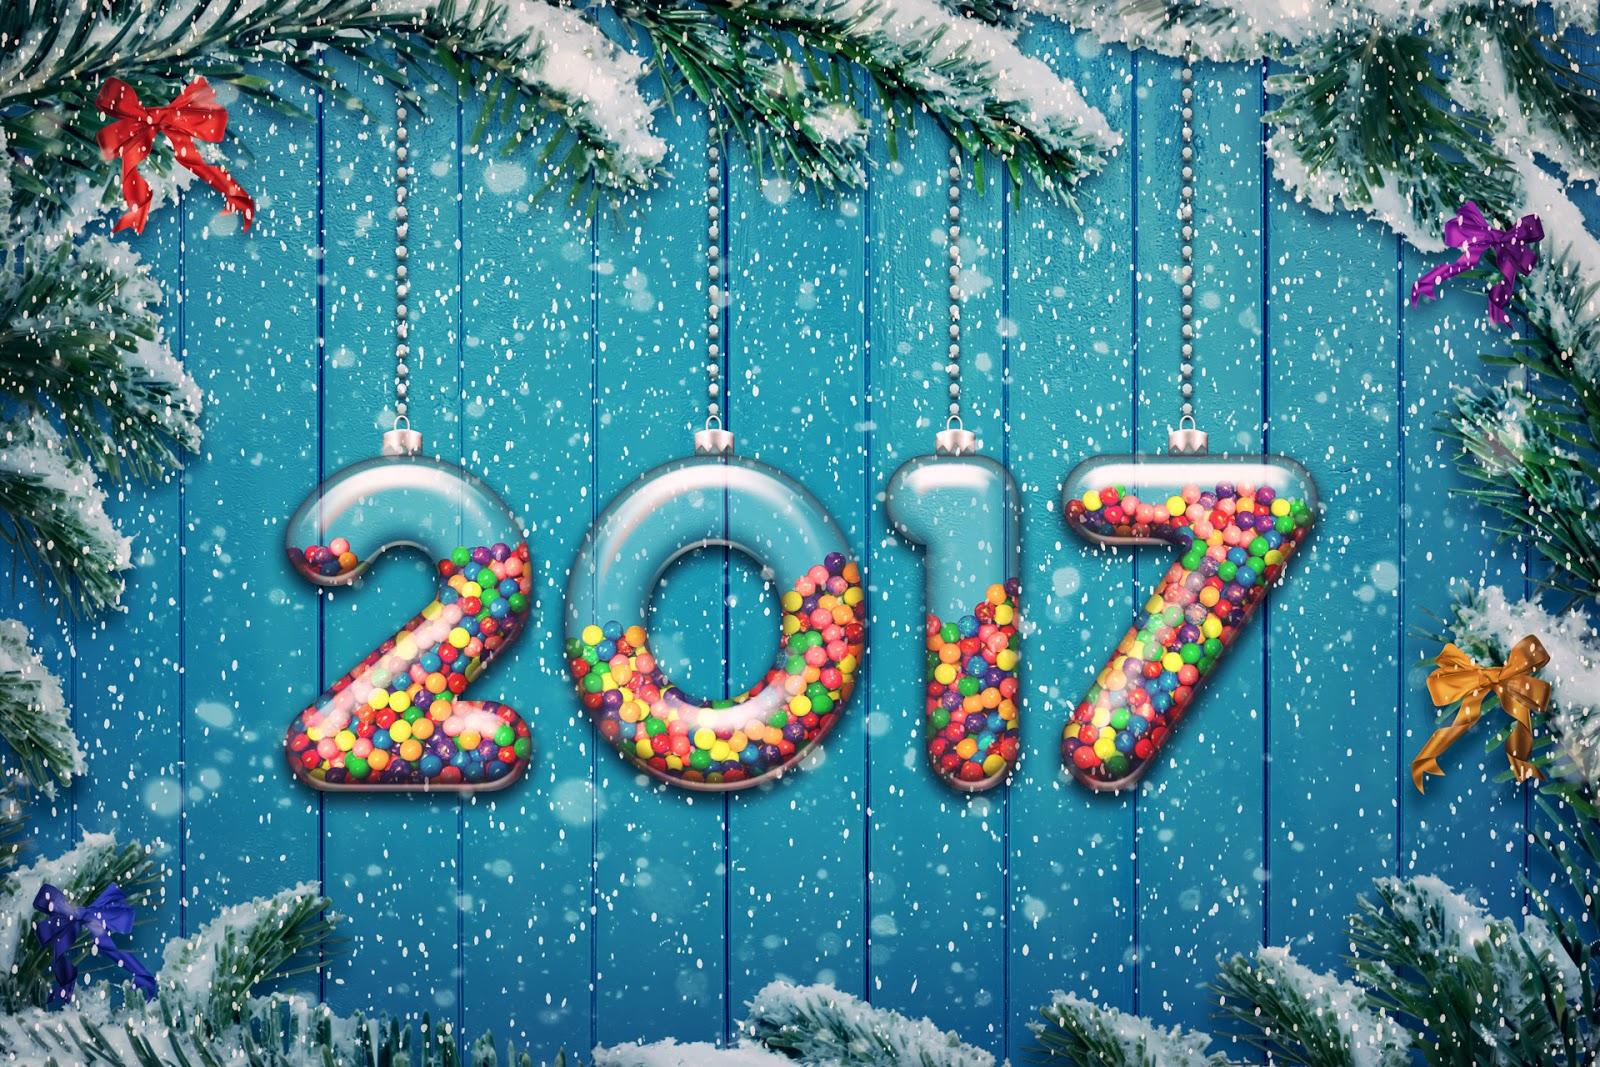 Hình nền tết 2017 đẹp chào đón năm mới